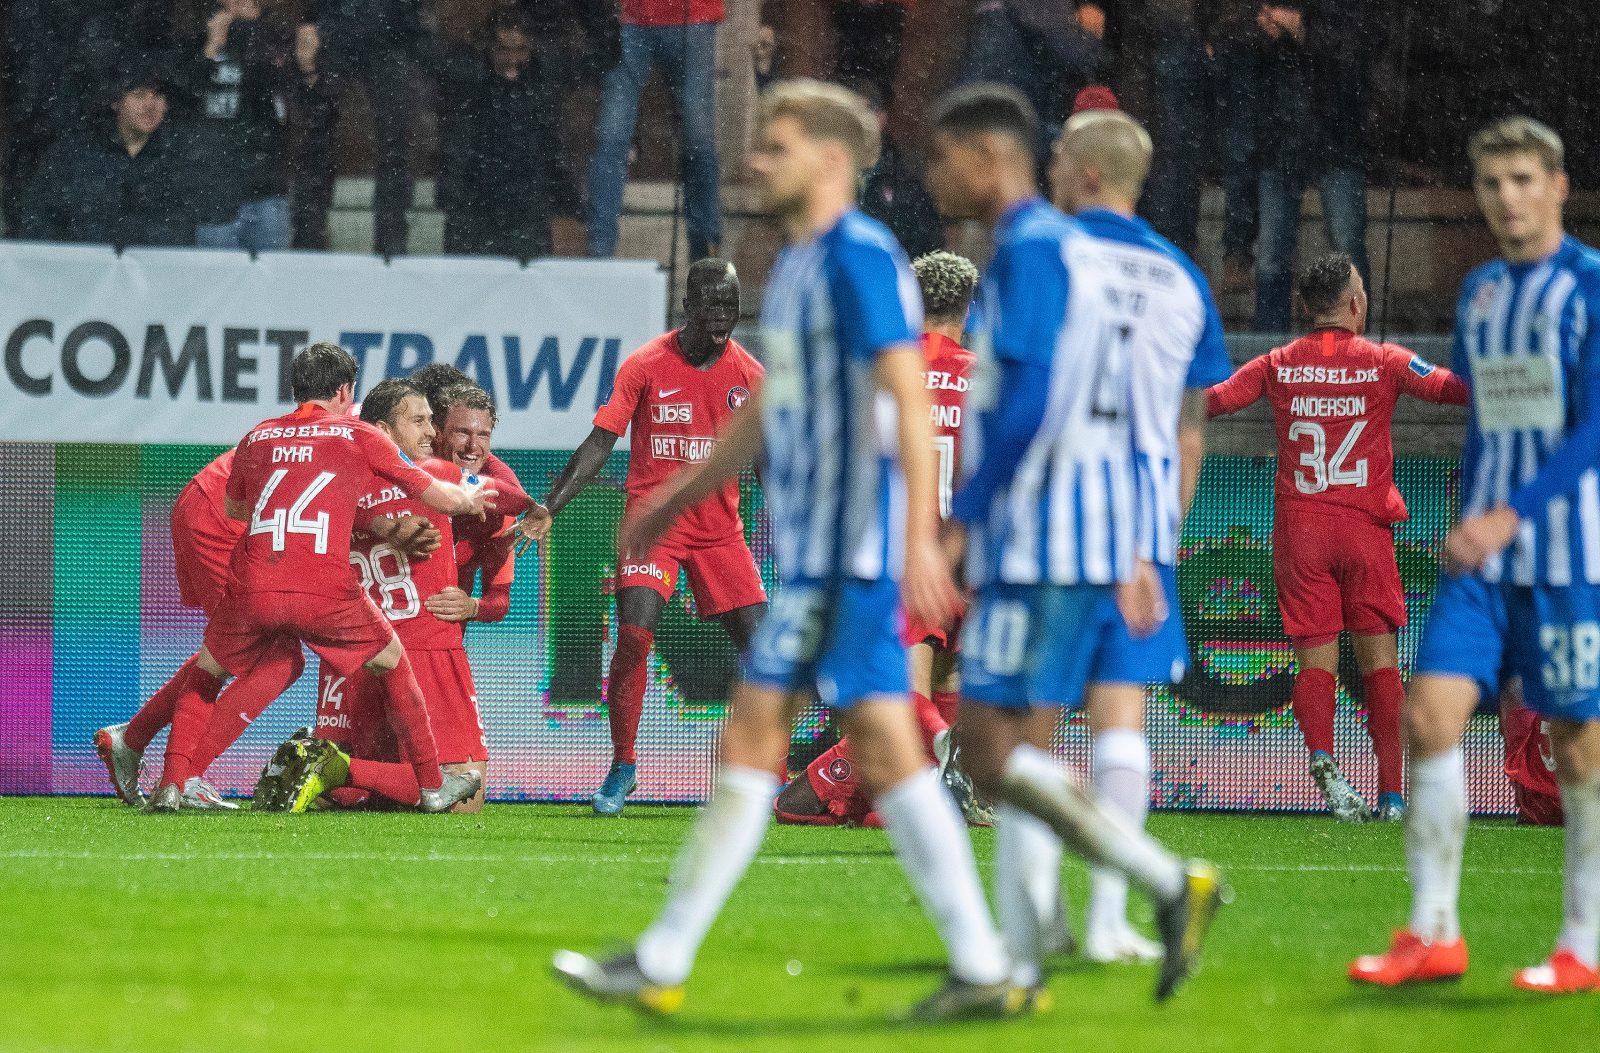 Esbjerg fB-FC Midtjylland-09